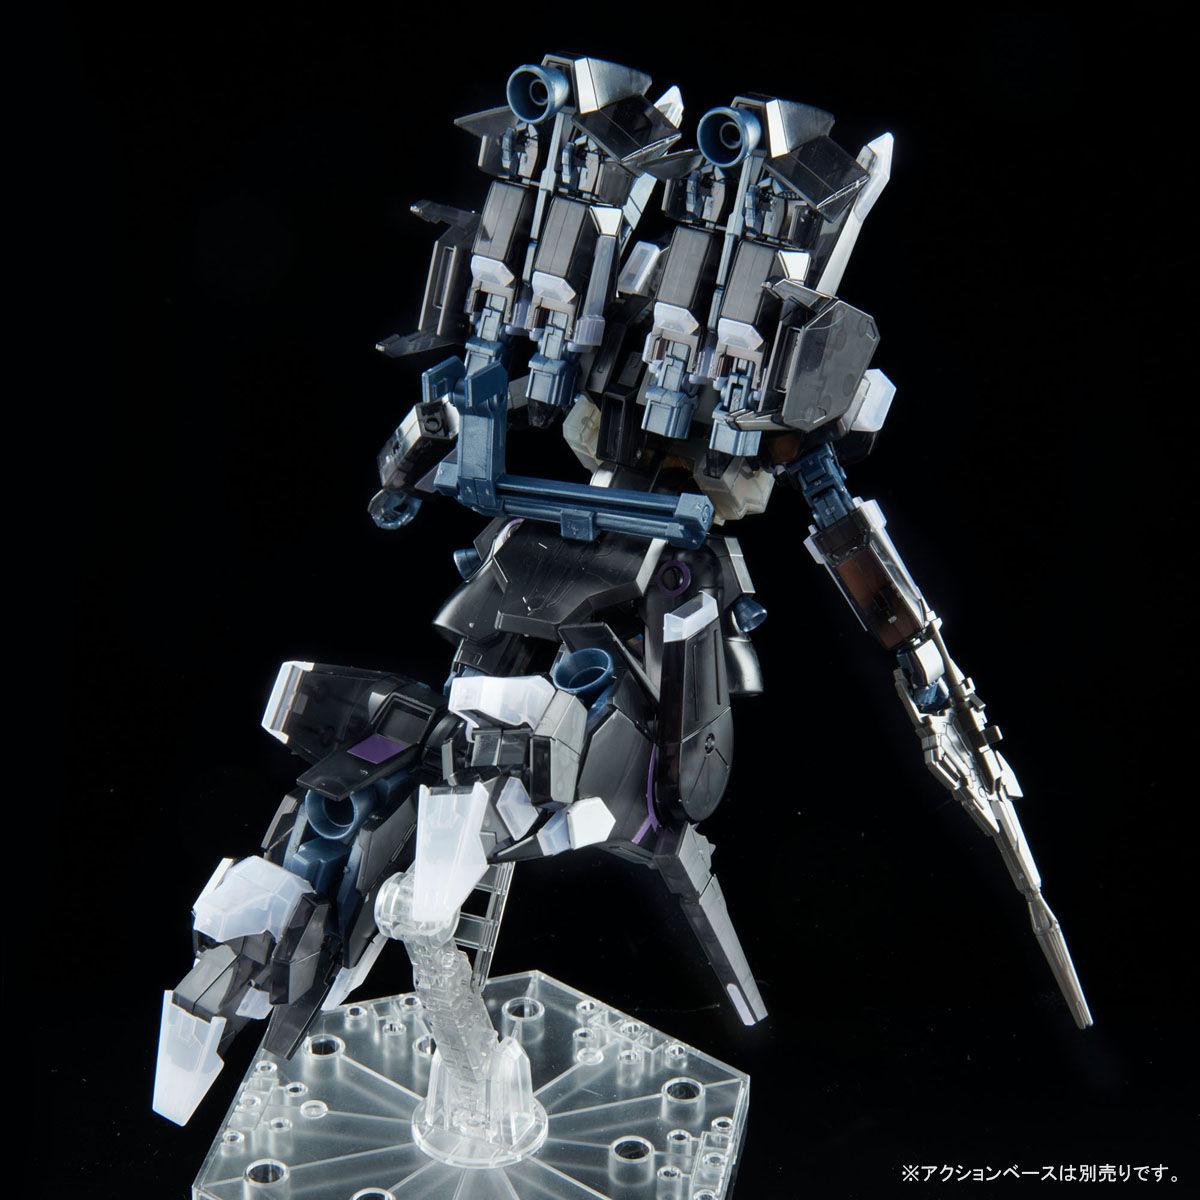 【限定販売】HG 1/144『シルヴァ・バレト・サプレッサー[クリアカラー]』ガンダムNT プラモデル-006